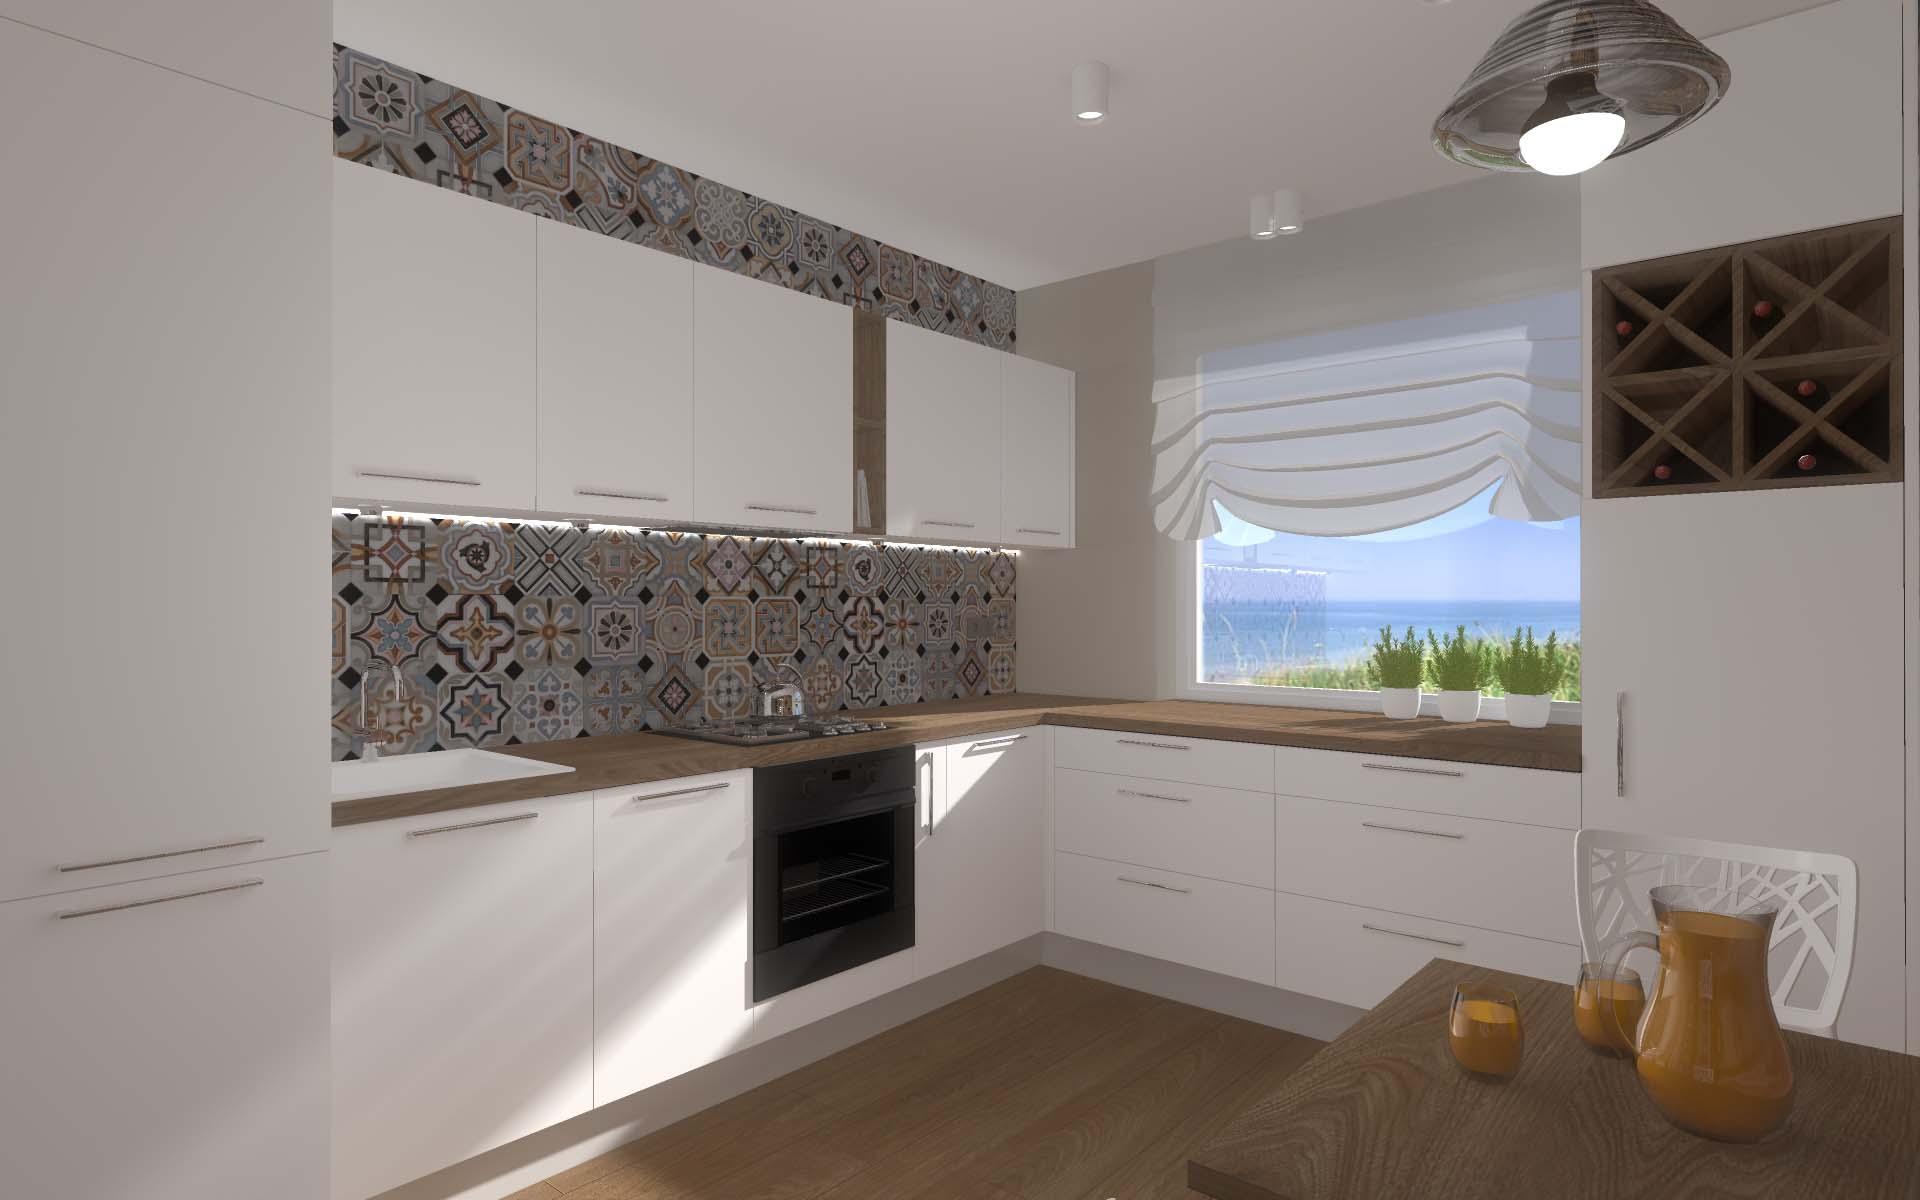 projekt wnętrza kuchni w bydgoszcz mobiliani design